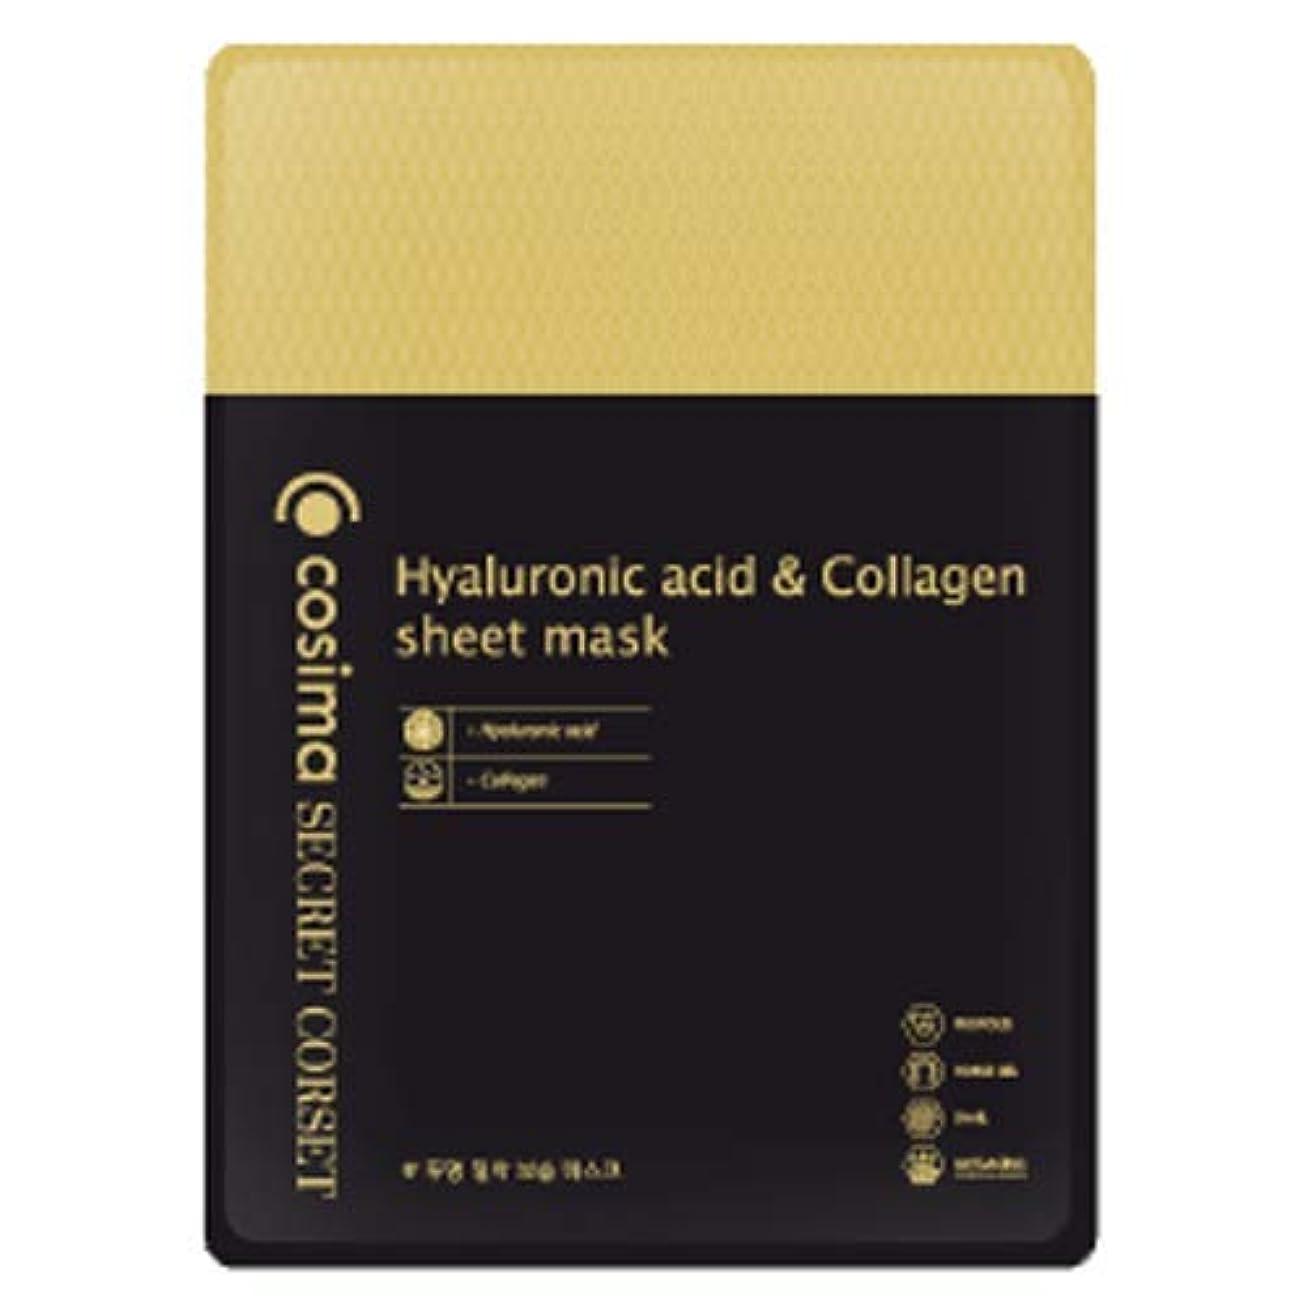 些細まさに人気のヒアルロン酸&コラーゲン シートマスク/cosima 韓国コスメ 〔海外直送品?送料無料〕